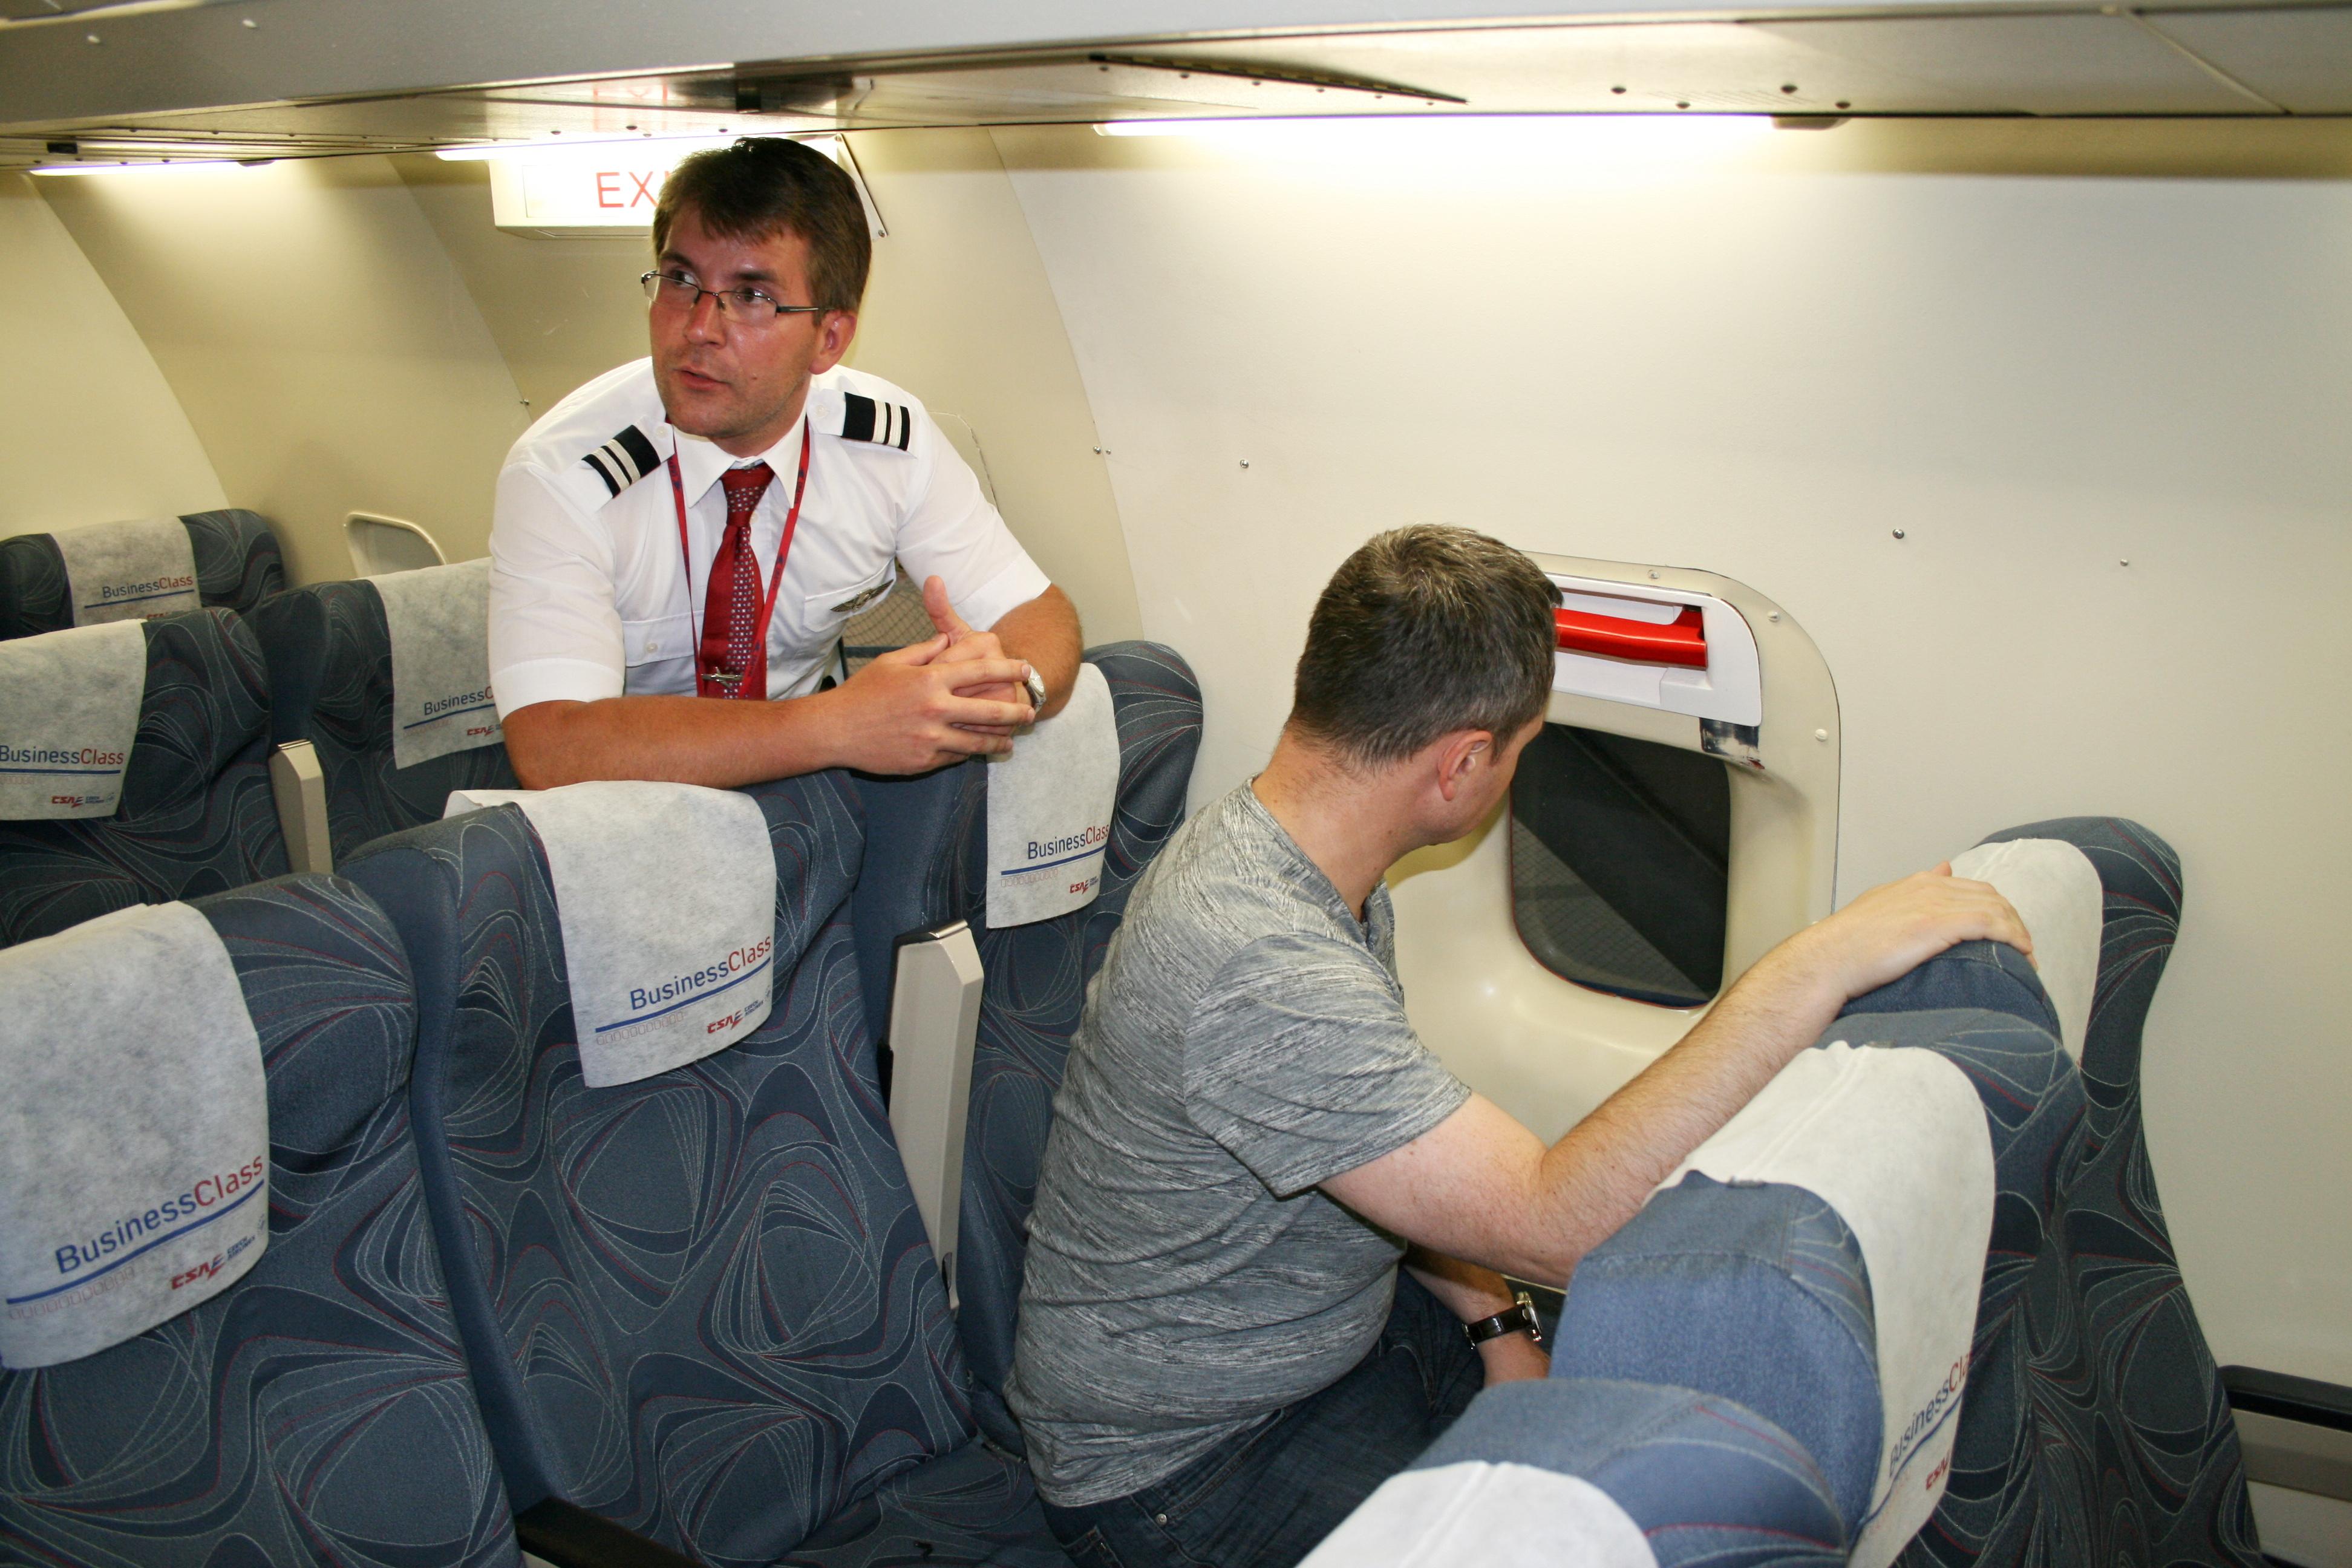 Pilotem na zkousku 14.6.2014 342.jpg